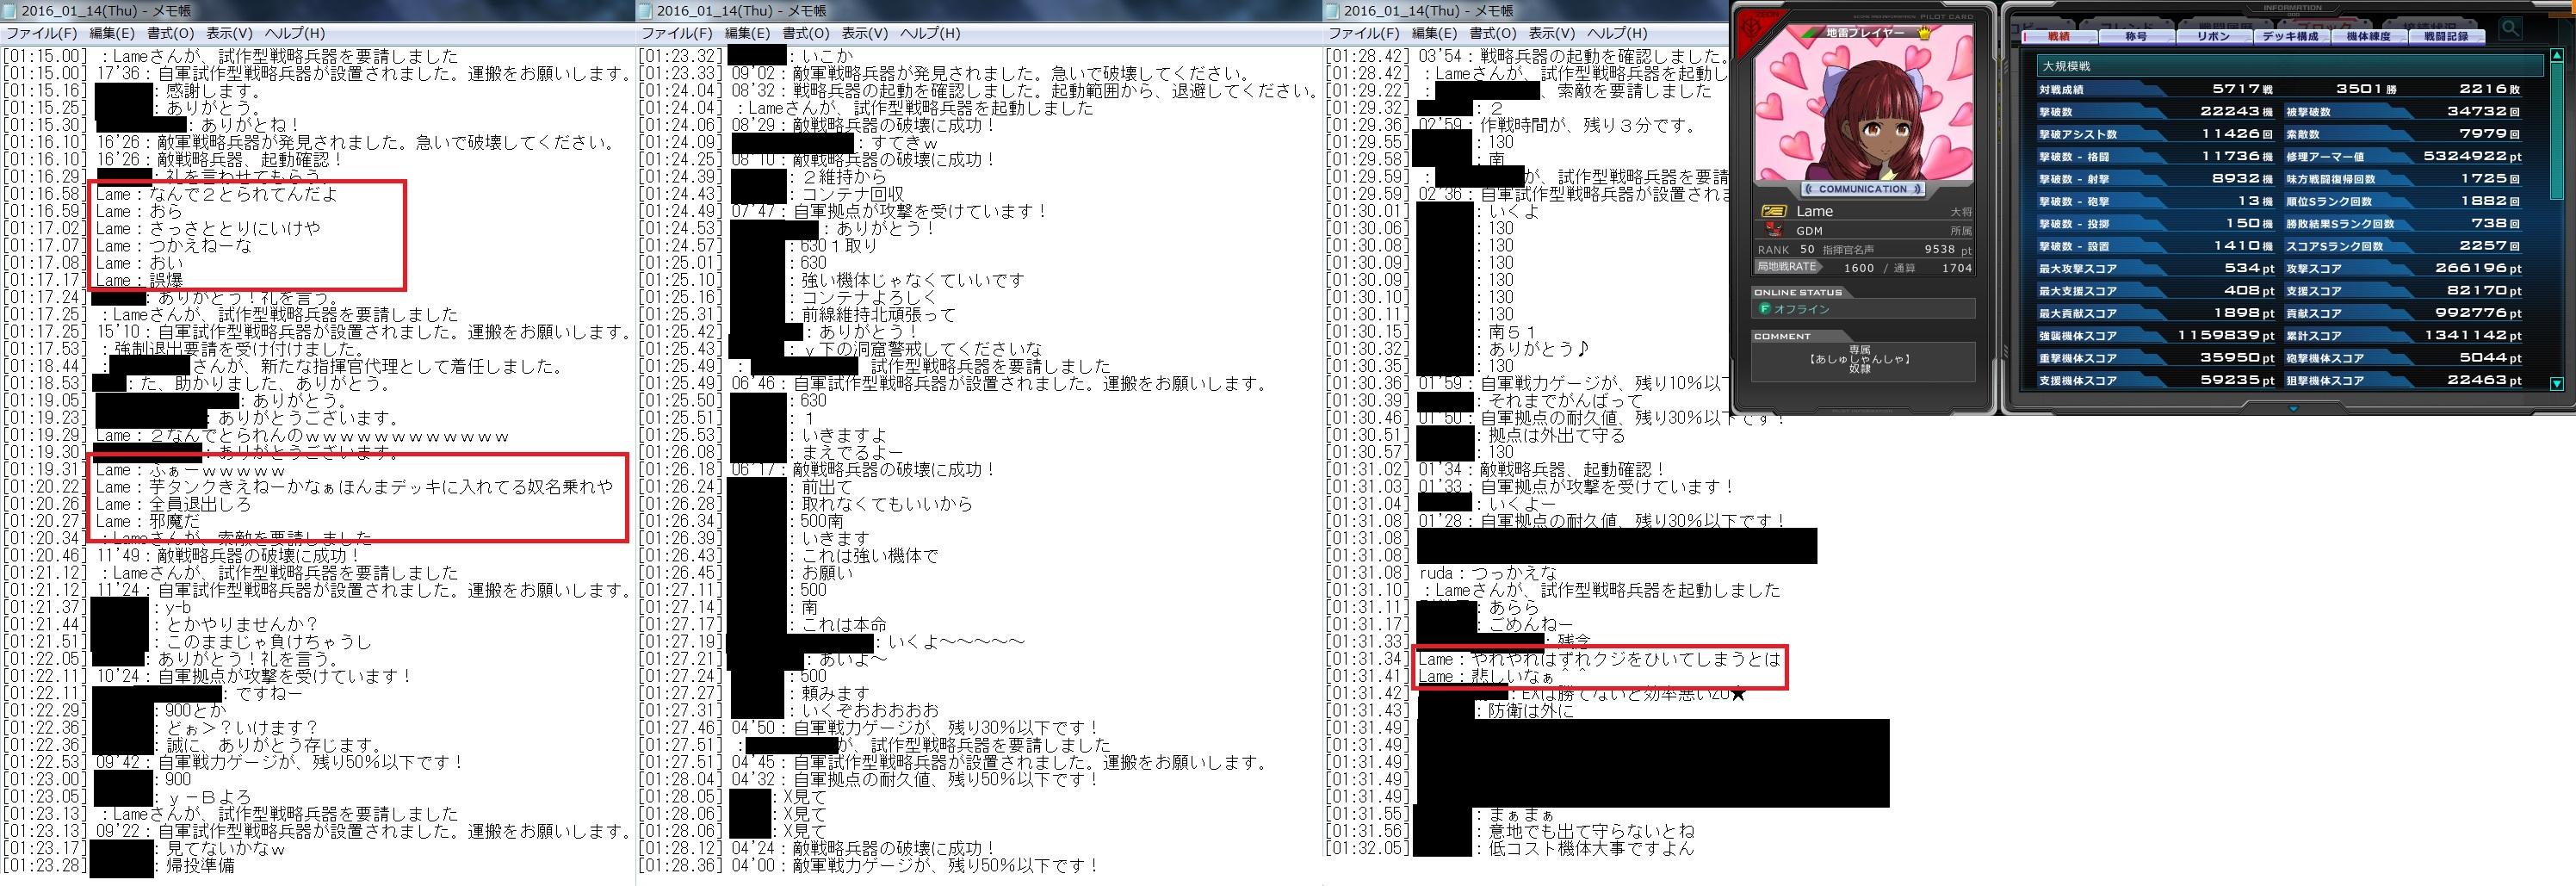 機動戦士ガンダムオンライン F鯖晒しスレ55機目 [無断転載禁止]©2ch.netYouTube動画>1本 ->画像>60枚